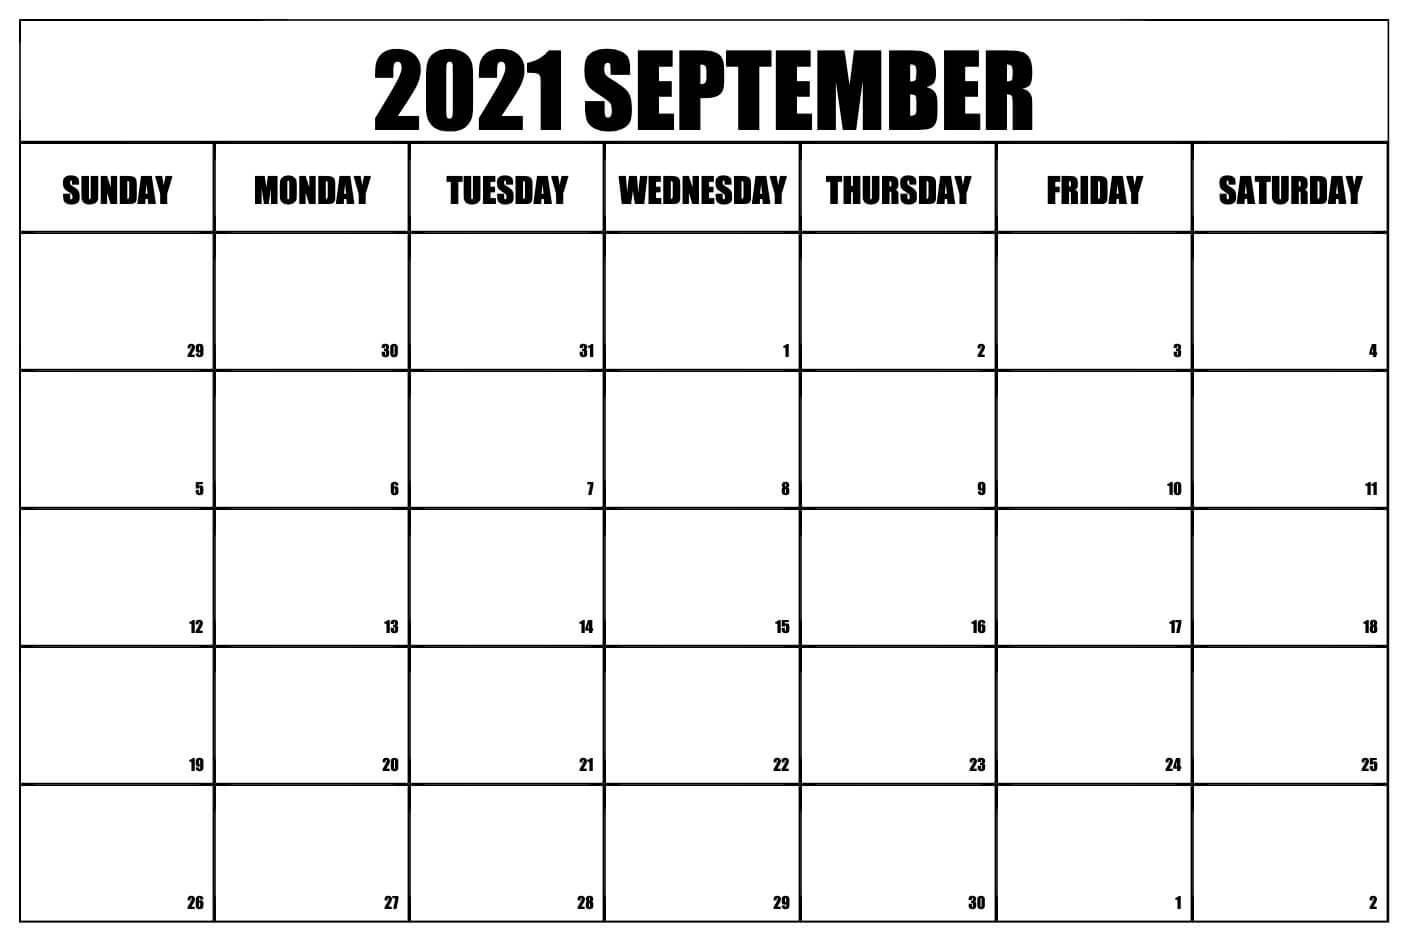 2021 September Calendar Blank